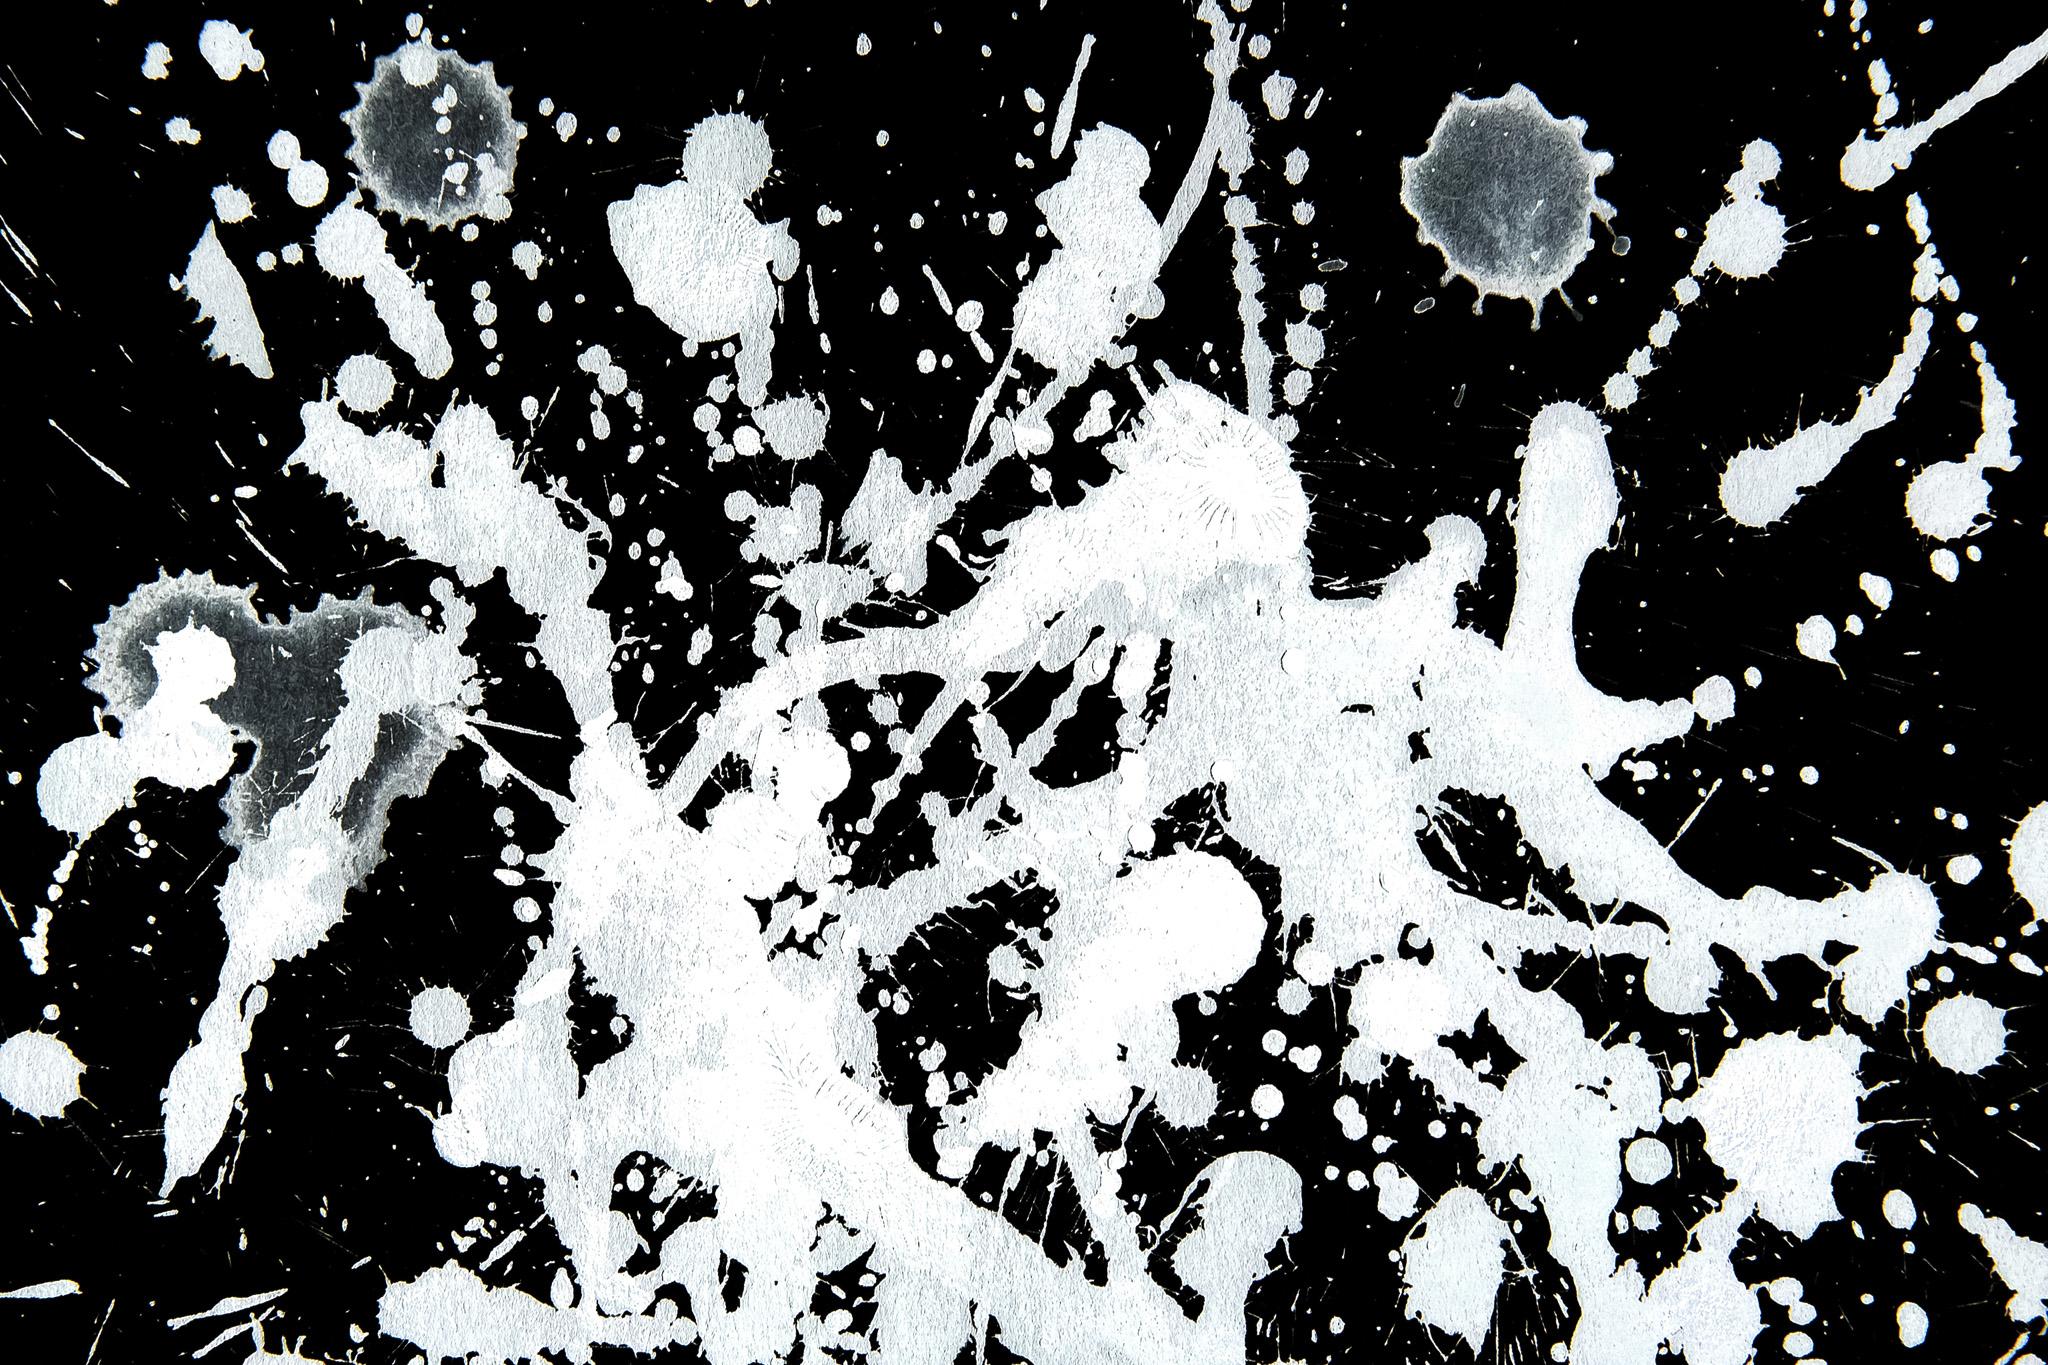 「白と黒のアクションペインティング」